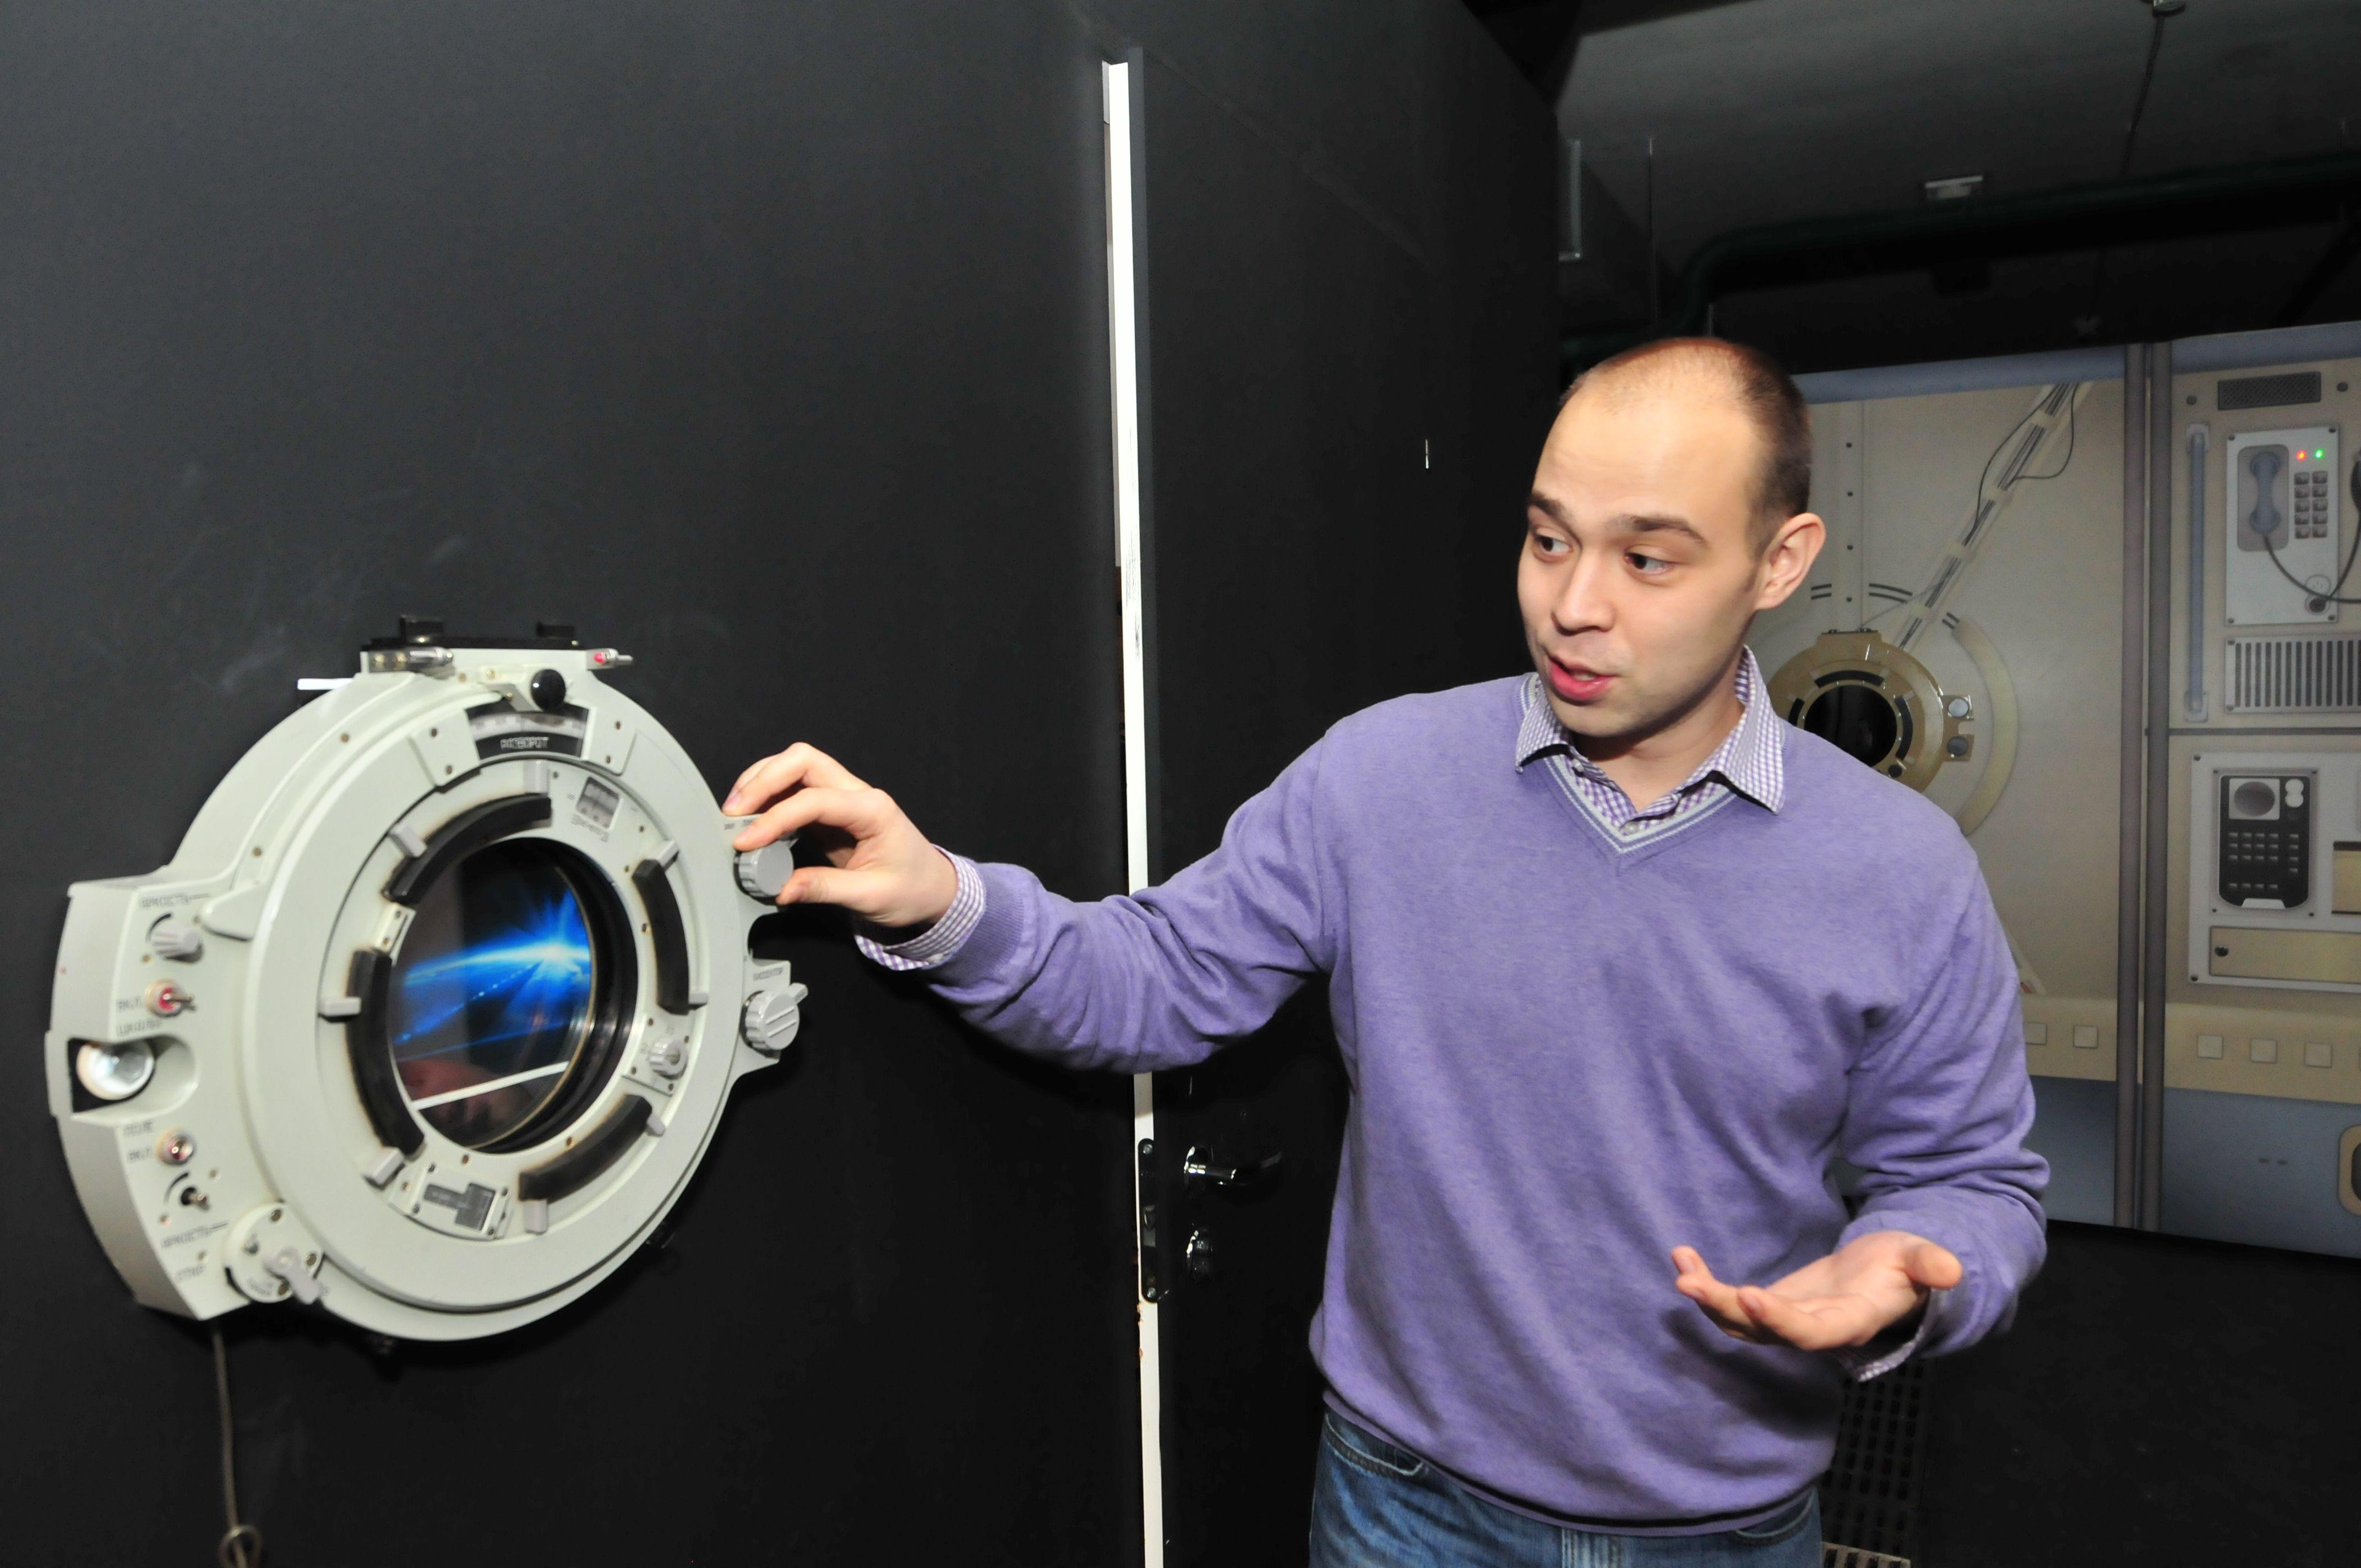 Набор на курсы астрономии для взрослых стартовал в Москве